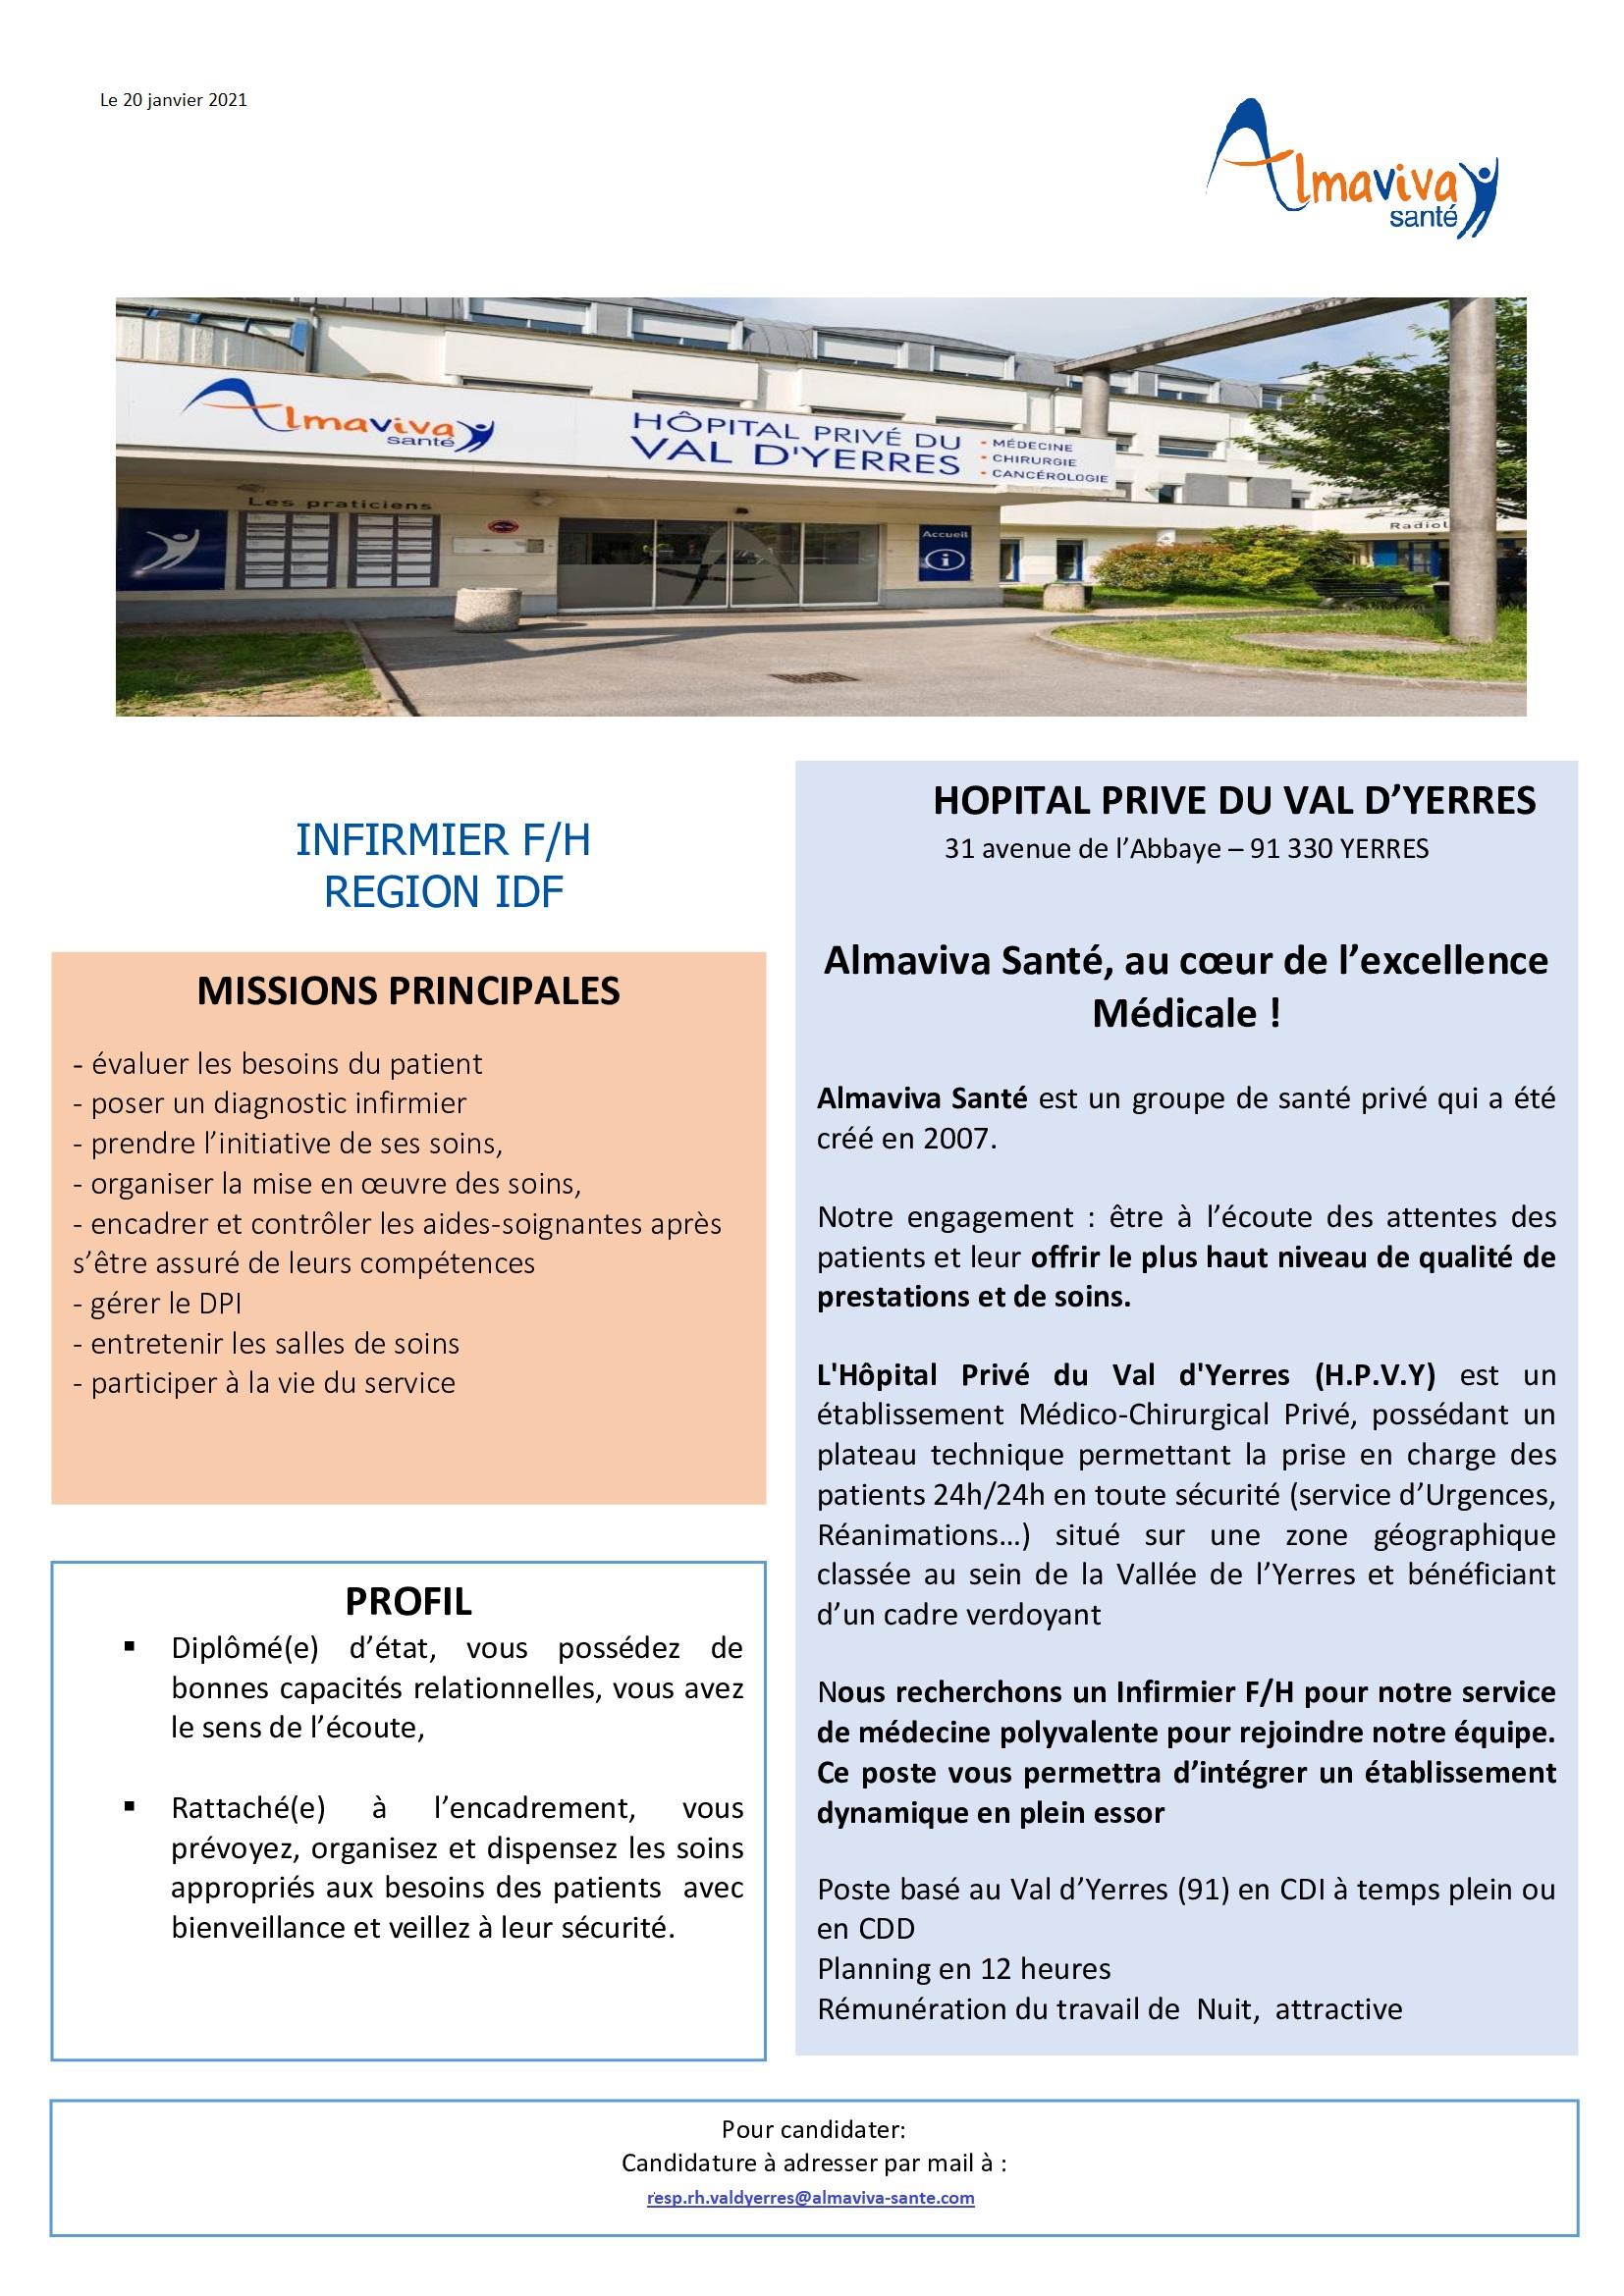 L'Hopital Privé du Val d'Yerres recrute!